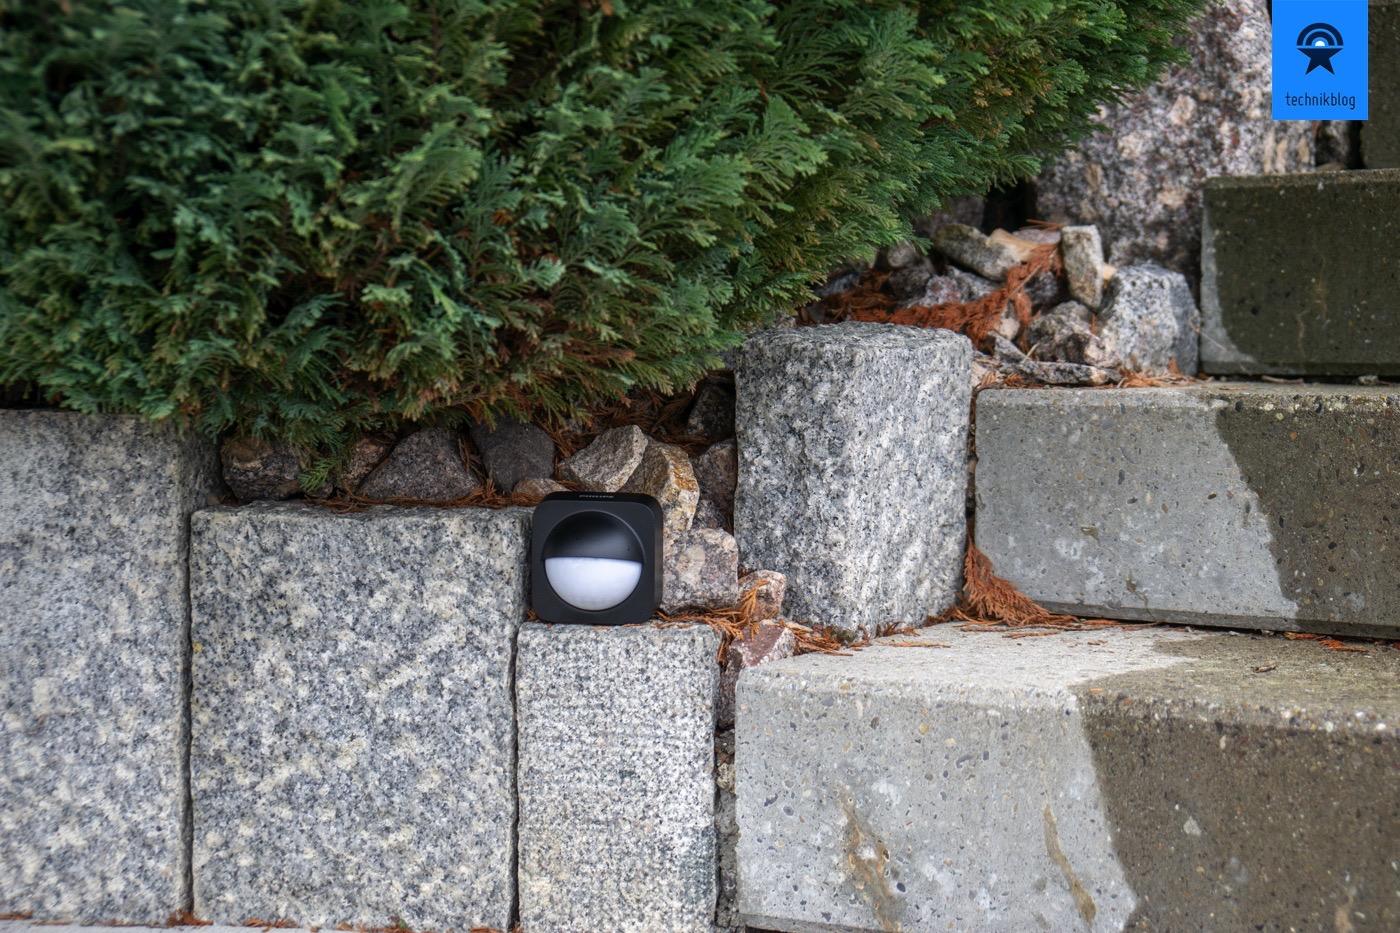 Testsetup für den Hue Outdoor Sensor